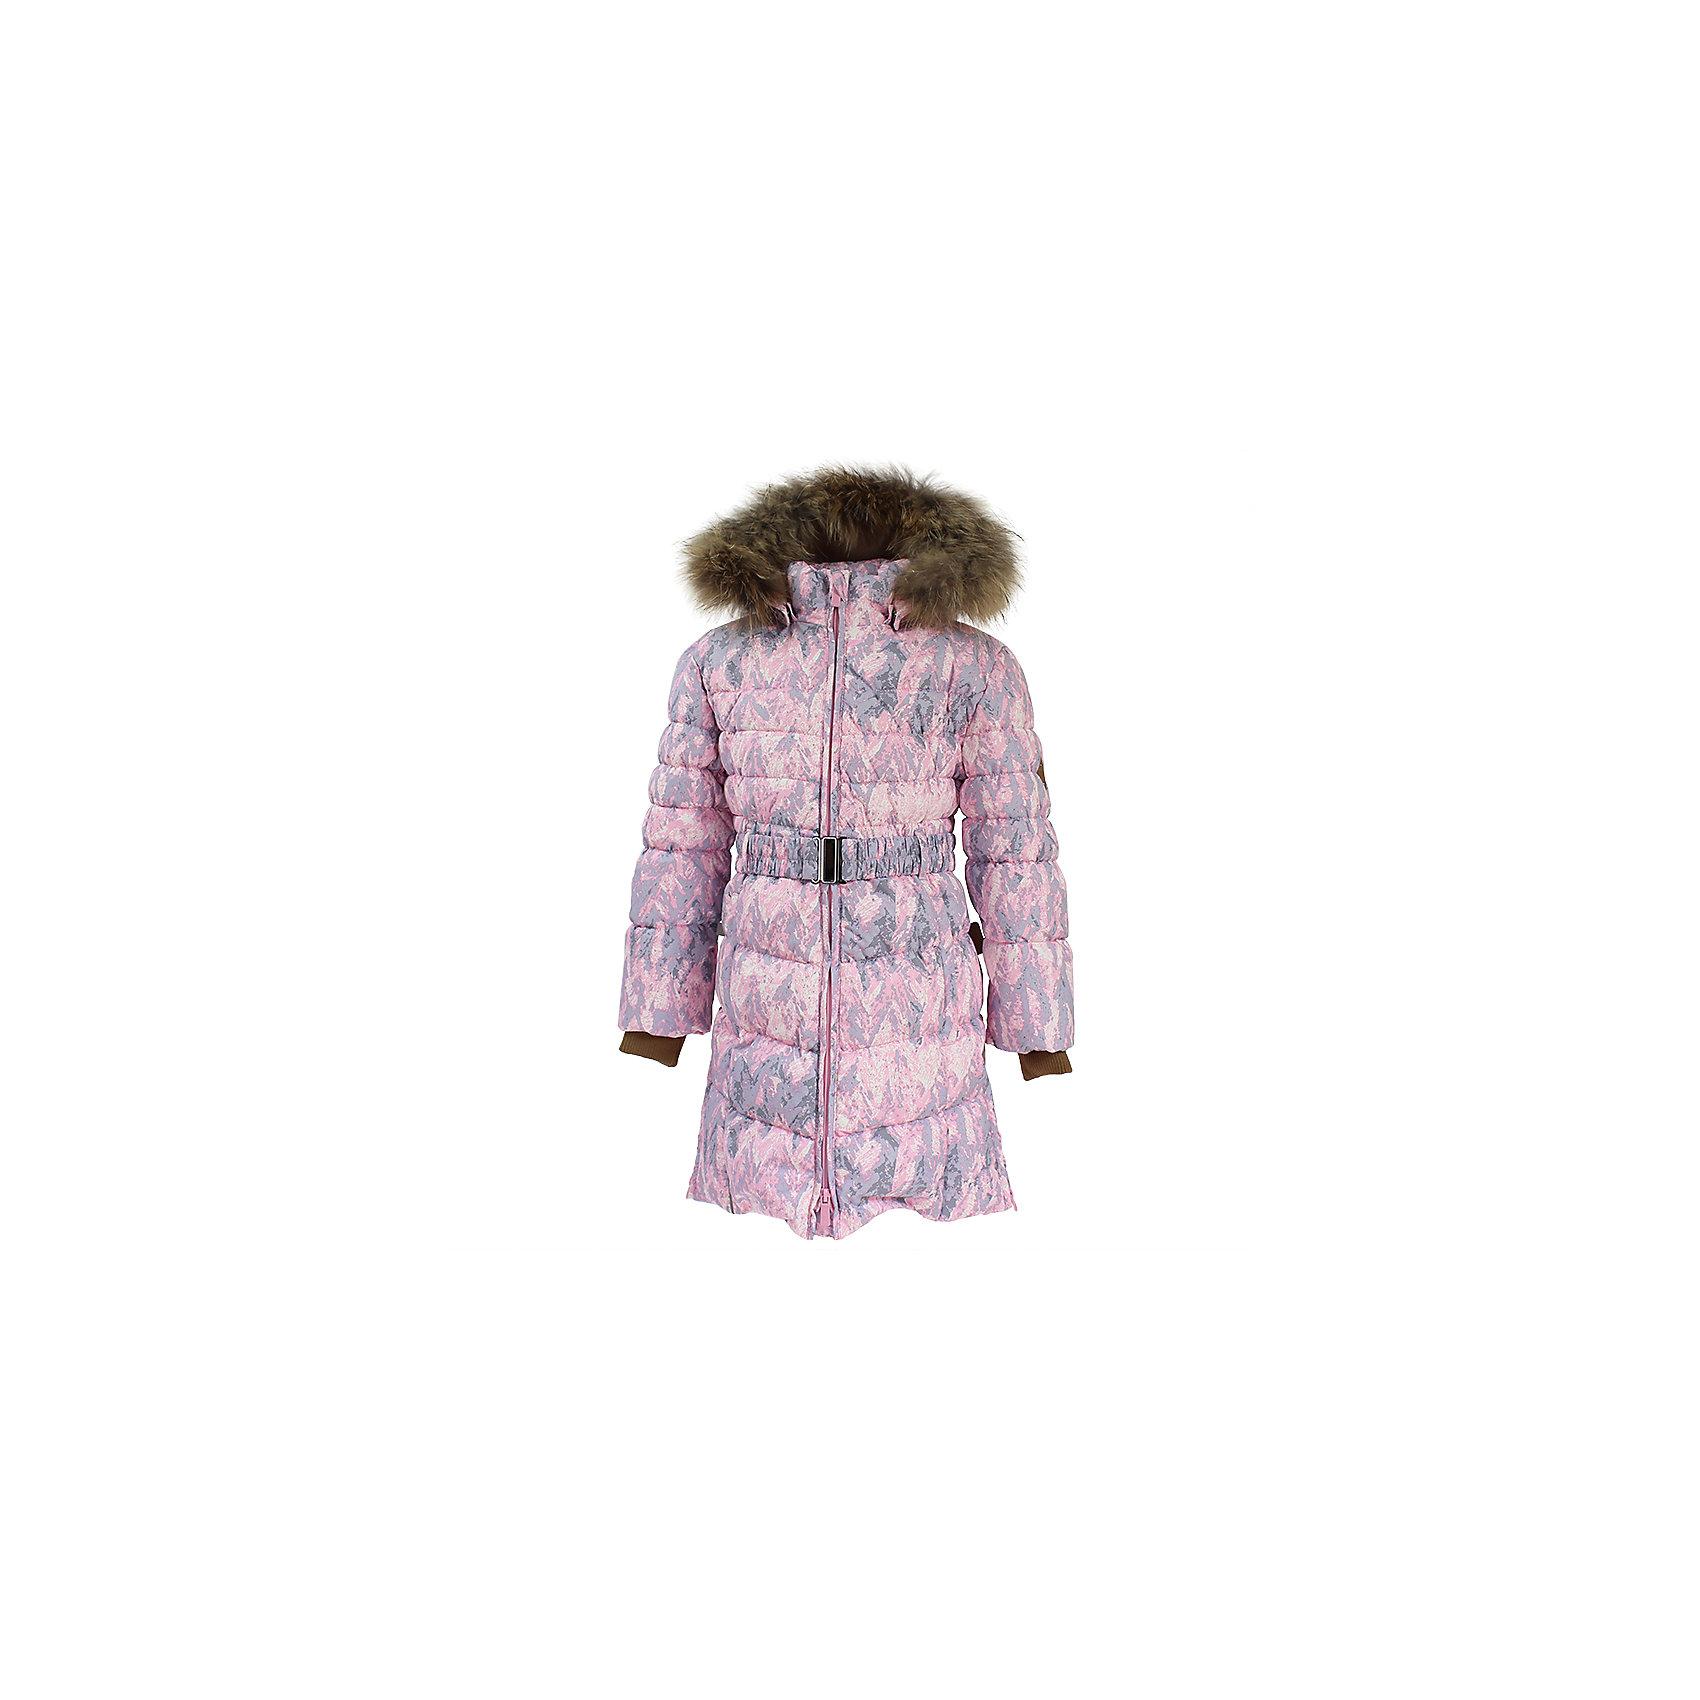 Пальто YASMINE Huppa для девочкиВерхняя одежда<br>Характеристики товара:<br><br>• модель: Yasmine;<br>• цвет: светло - розовый принт;<br>• пол: девочка;<br>• состав: 100% полиэстер;<br>• утеплитель: 50% пух, 50% перо.;<br>• подкладка: тафта,полиэстер;<br>• сезон: зима;<br>• температурный режим: от - 5 до - 30С;<br>• водонепроницаемость: 5000 мм;<br>• воздухопроницаемость: 5000 г/м2/24ч;<br>• влагоустойчивая и дышащая ткань;<br>• двухсторонняя молния;<br>• дополнительная корректировка на талиив виде пояса;<br>• безопасный капюшон при необходимости, отстегивается;<br>• натуральный мех на капюшоне съемный;<br>• низ рукавов дополнен эластичными манжетами;<br>• внутренний и боковые карманы застегиваются на молнию;<br>• светоотражающие детали для безопасности ребенка;<br>• страна бренда: Финляндия;<br>• страна изготовитель: Эстония.<br><br>Приталенное девичье пальто Yasmine средней длины в равной степени удачно смотрится и со школьным гардеробом, и с нарядами в стиле casual. <br><br>Экологически чистый, натуральный утеплитель (пух/перо) делает модель по-настоящему тёплой, безопасной, практичной. Снаружи изделие покрыто влагостойкой, ветроустойчивой тканью с хорошими дышащими «свойствами».<br><br>Функциональные элементы: капюшон отстегивается с помощью кнопок, отстегивающийся натуральный мех, прочная декоративная раздвоенная молния, защита подбородка от защемления, карманы застегиваются на молнию, дополнительная корректировка на талиив виде пояса,низ рукавов дополнен эластичными манжетами, светоотражающие элементы. <br><br>Пальто Yasmine для девочки бренда HUPPA  можно купить в нашем интернет-магазине.<br><br>Ширина мм: 356<br>Глубина мм: 10<br>Высота мм: 245<br>Вес г: 519<br>Цвет: розовый<br>Возраст от месяцев: 72<br>Возраст до месяцев: 84<br>Пол: Женский<br>Возраст: Детский<br>Размер: 122,128,134,140,146,152,158,164,170,104,110,116<br>SKU: 7025304